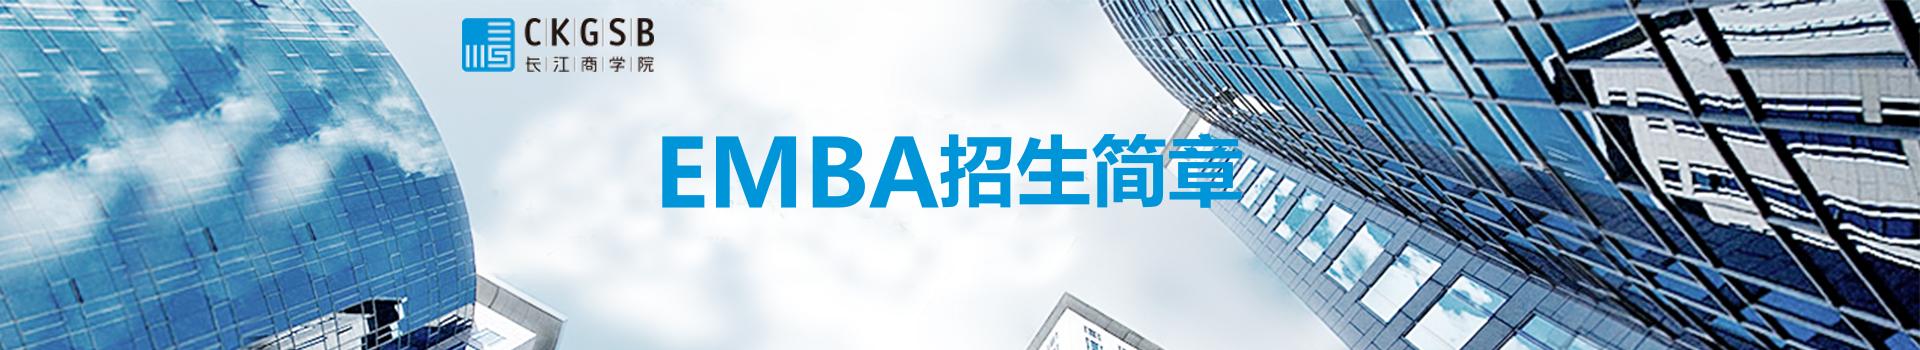 长江商学院高级工商管理硕士EMBA招生简章